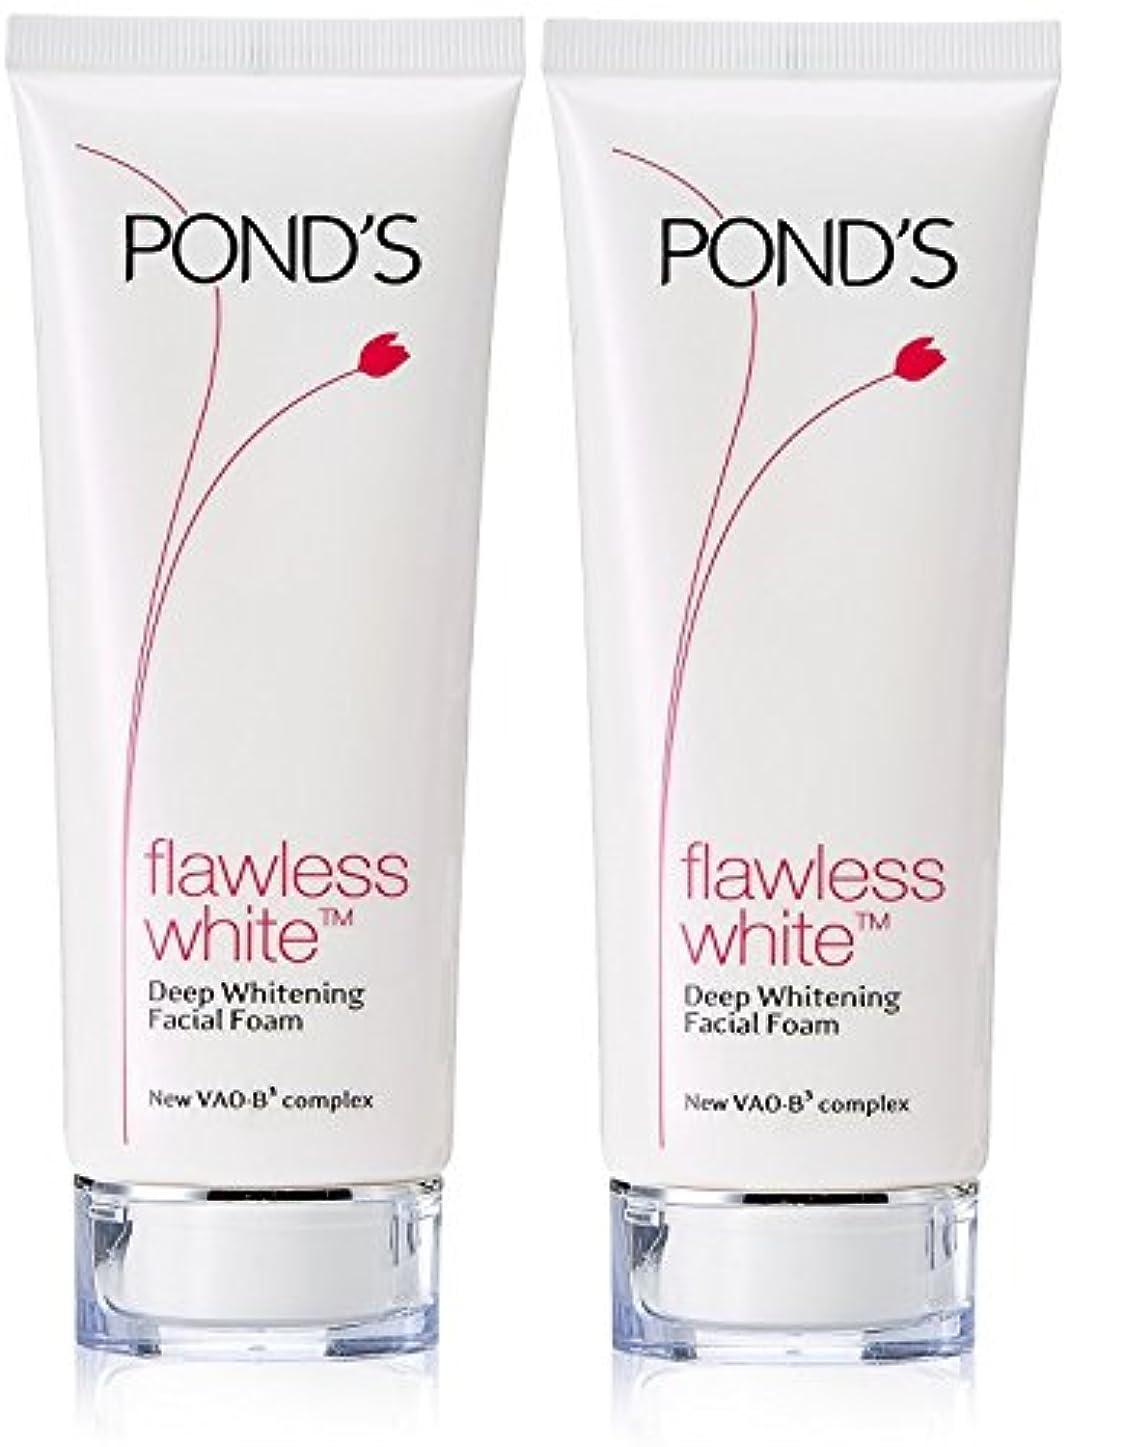 エンジニアリング理論知るPond's Flawless White Deep Whitening Facial Foam, 100g (Pack of 2)